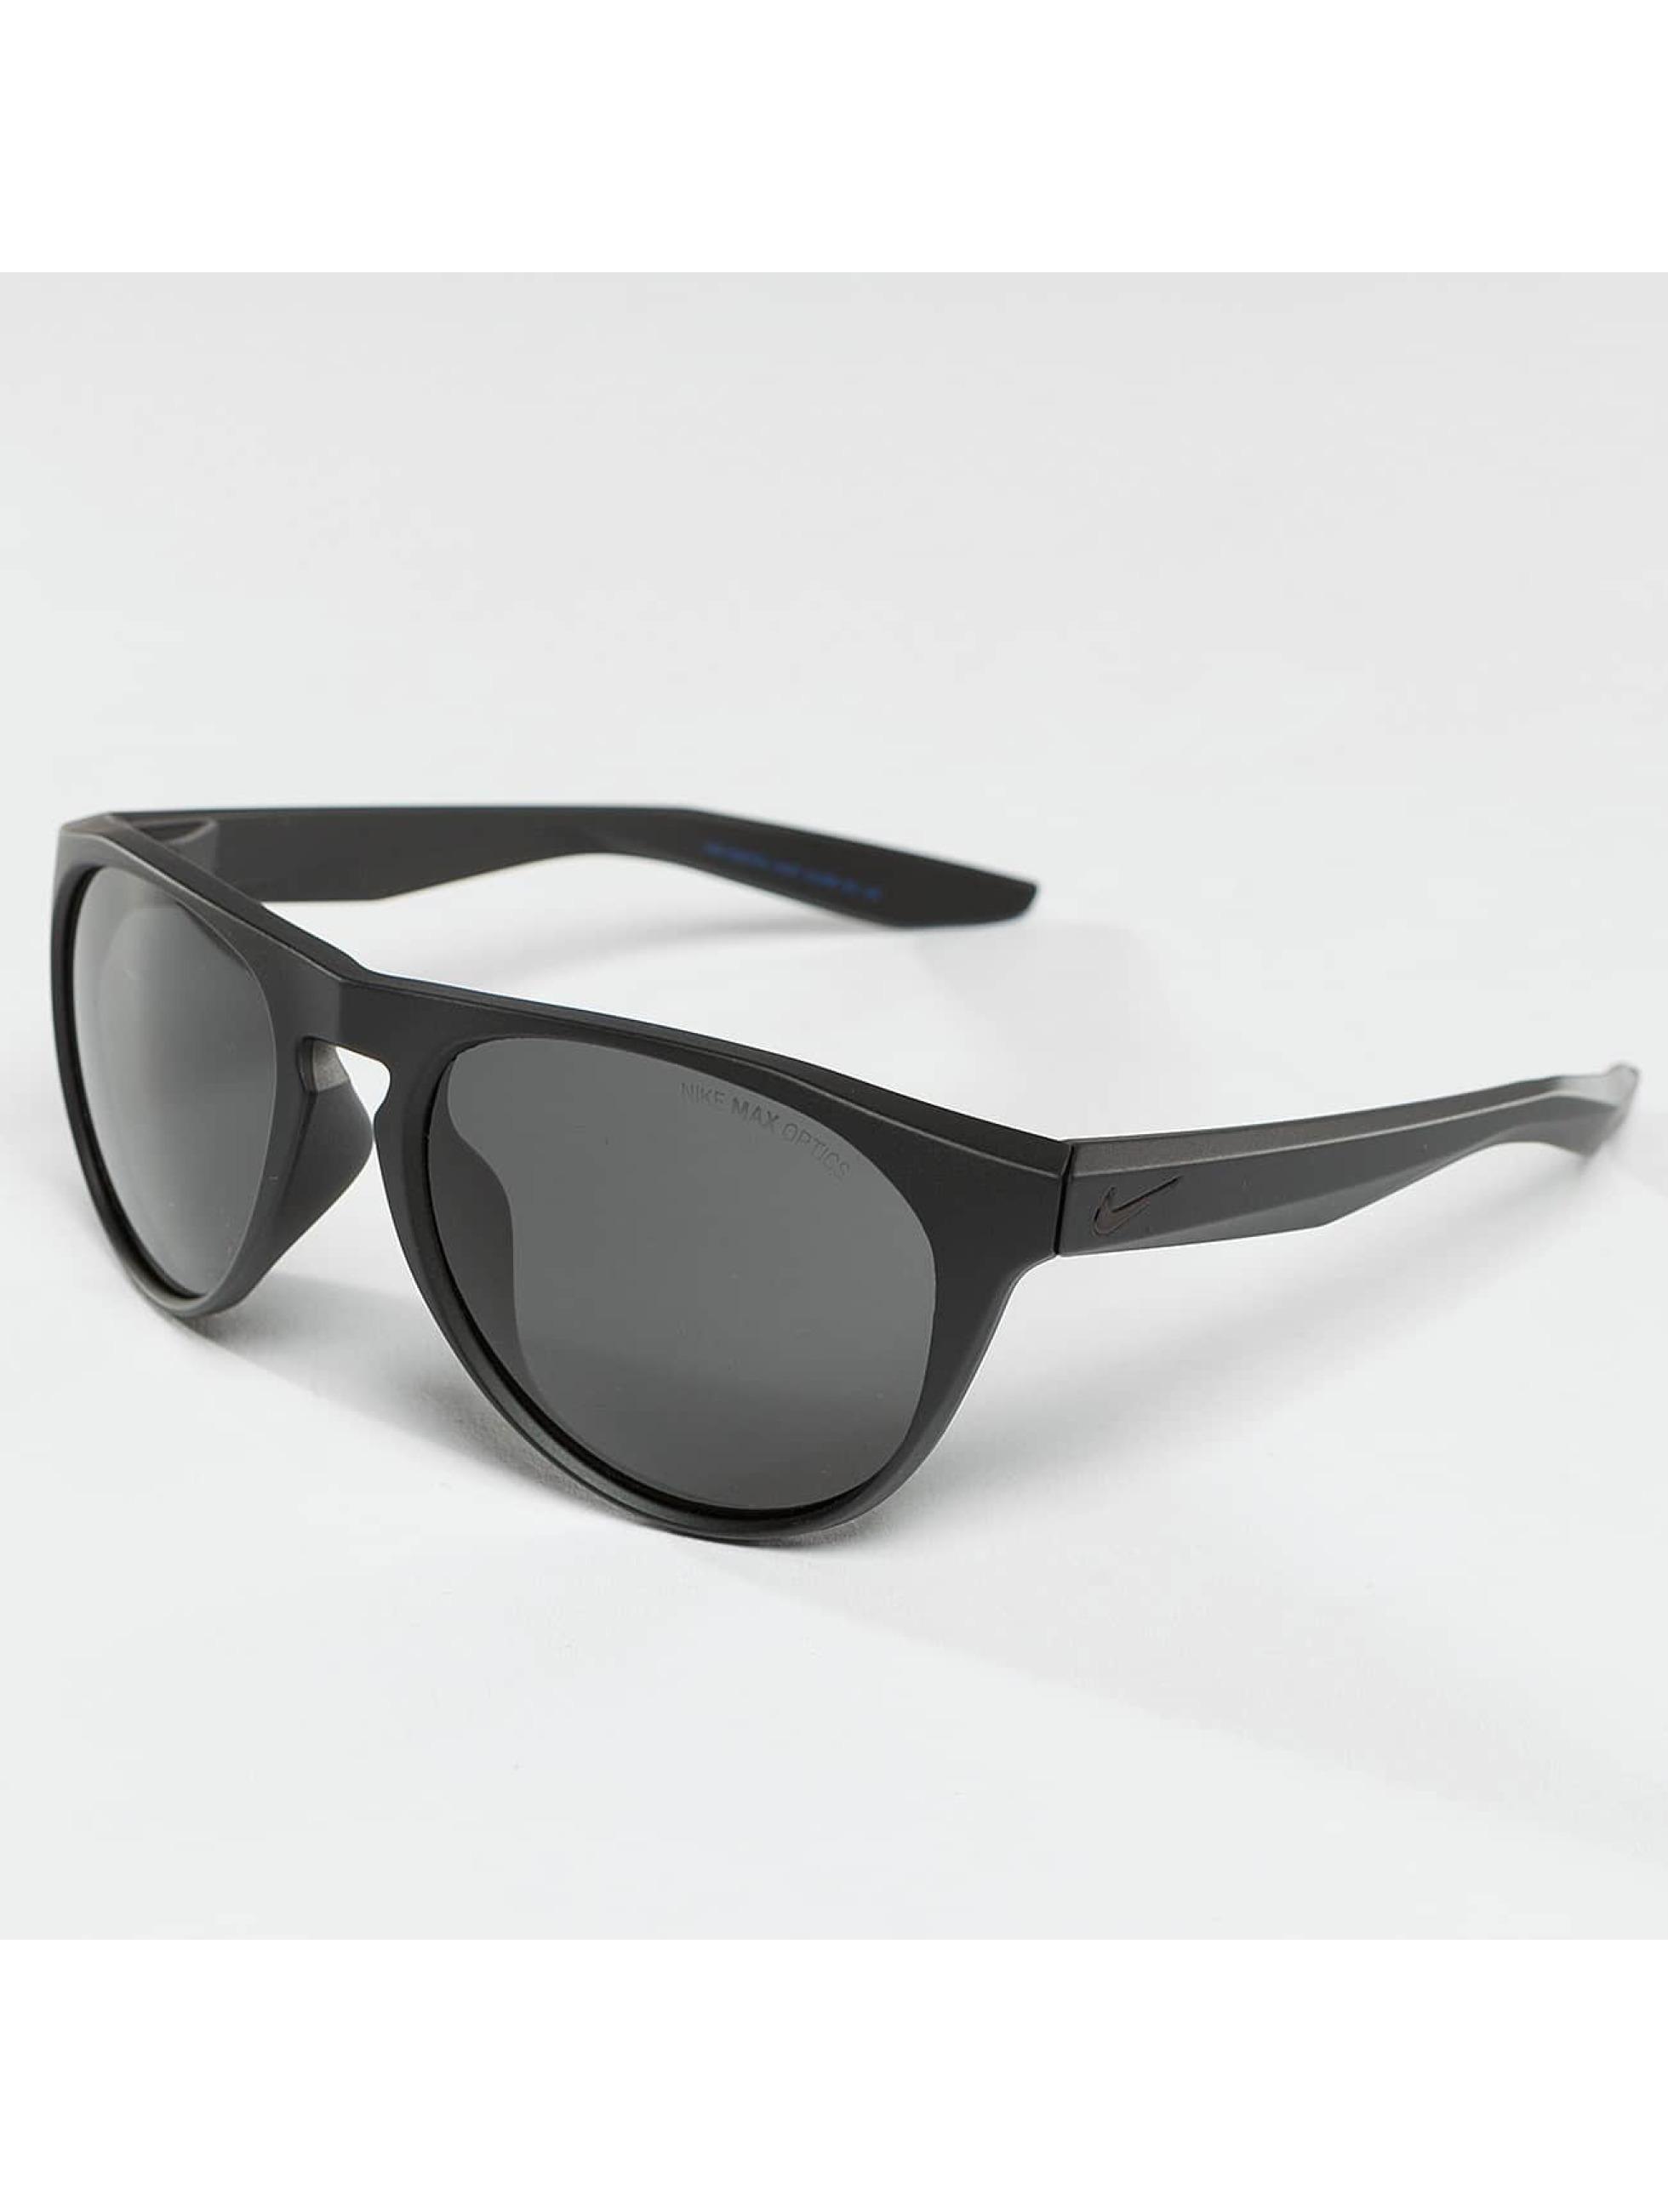 Nike Vision Lunettes de soleil Essential noir